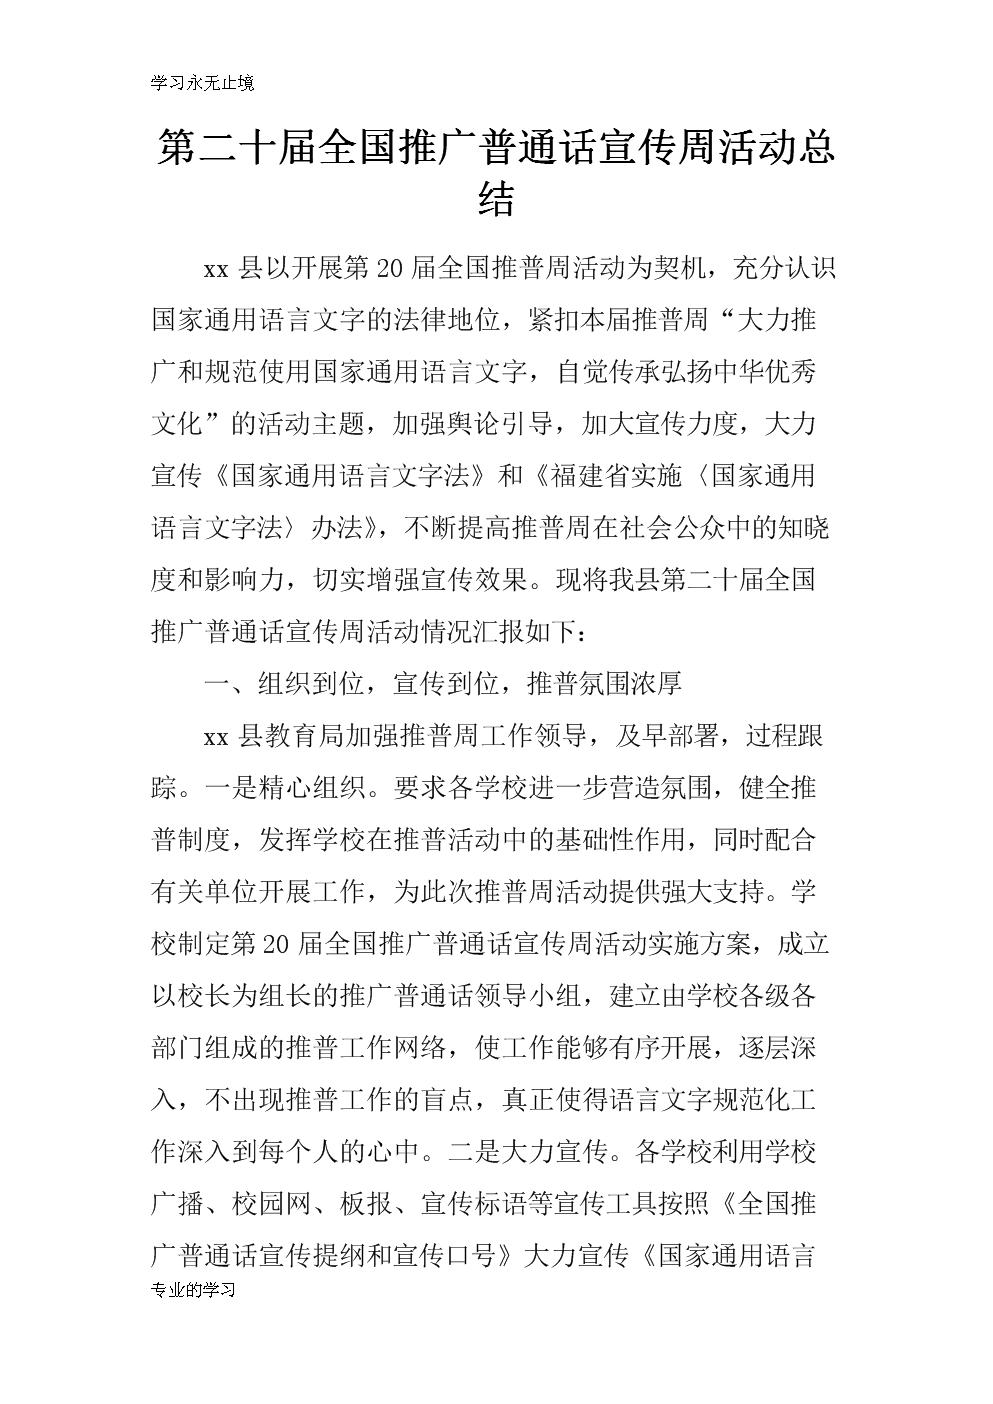 第二十届全国推广普通话宣传周活动后汇报总结报告.doc